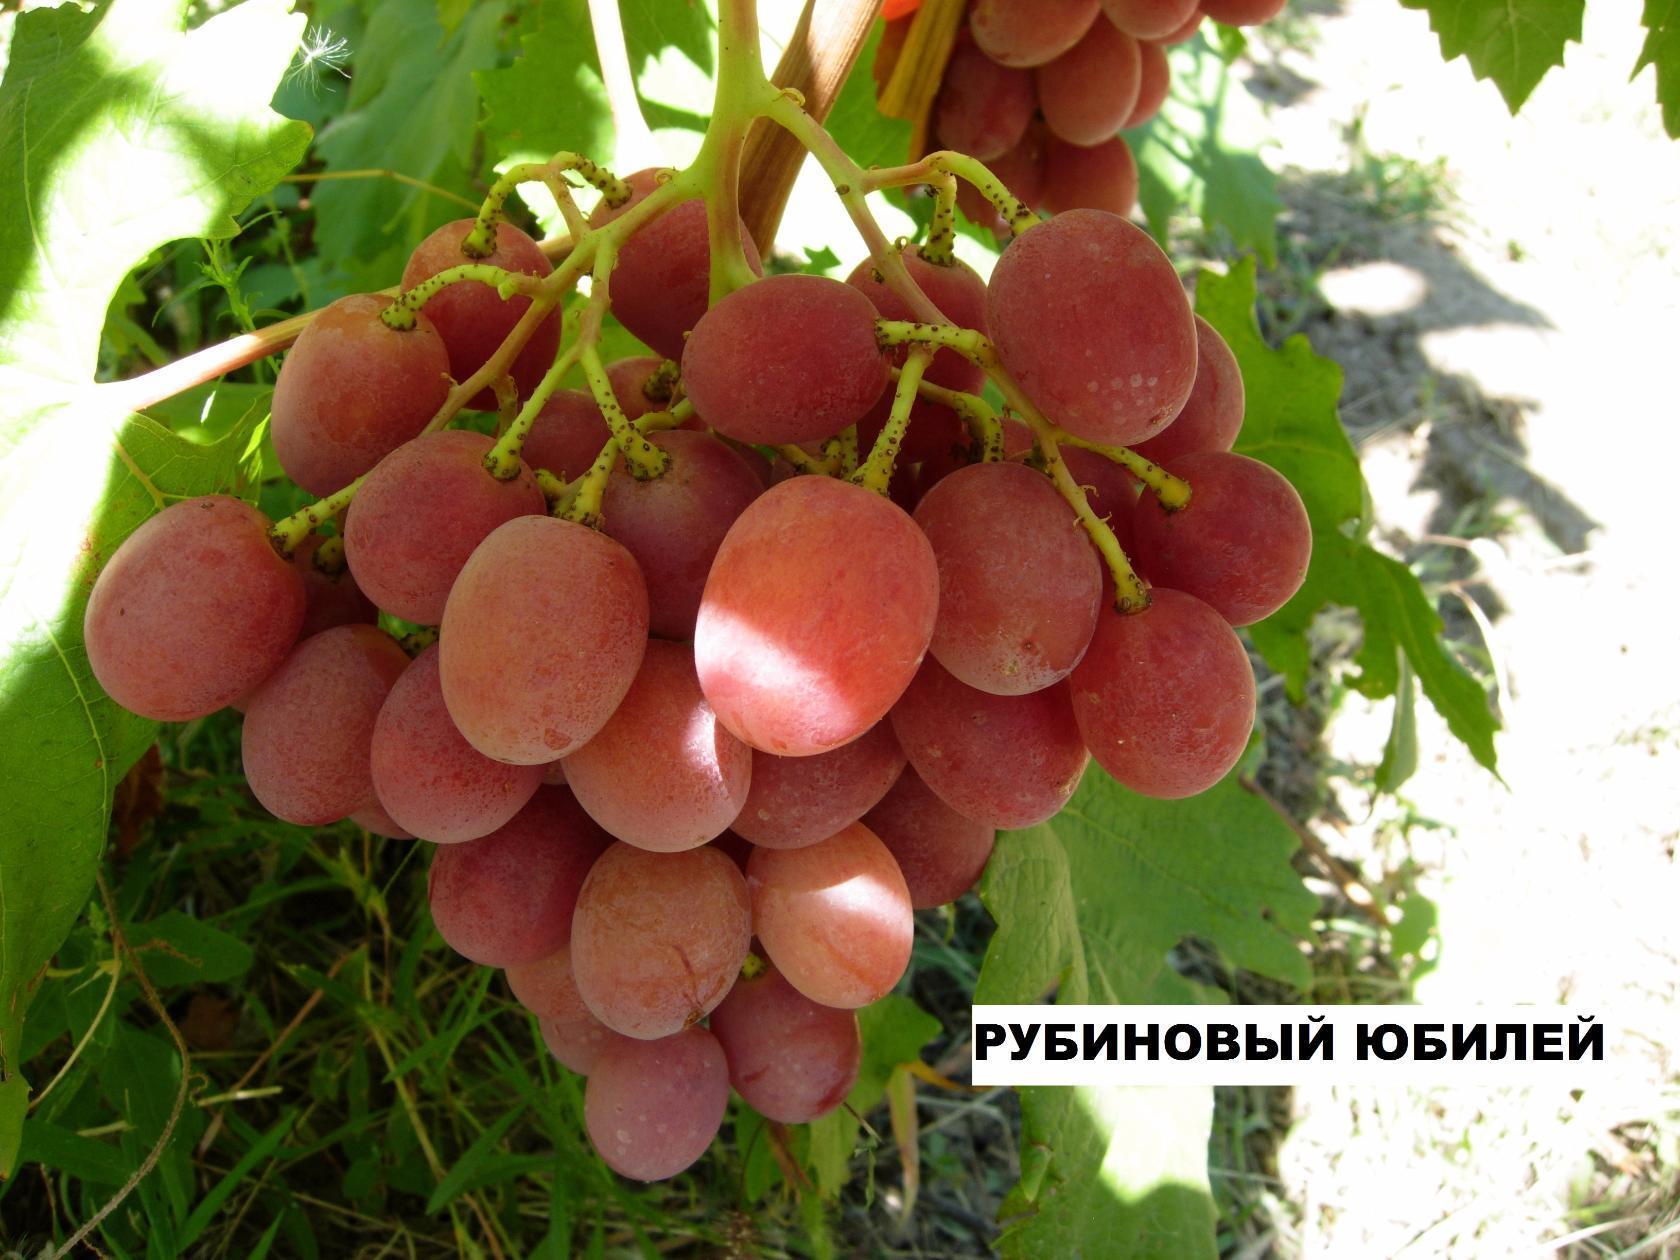 Описание винограда сорта Рубиновый юбилей, посадка и уход